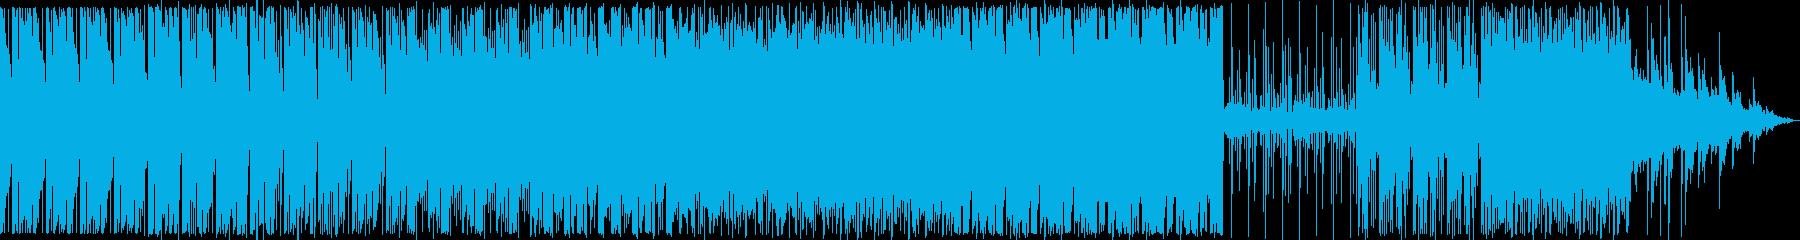 ゆったり感のある都会的なBGMの再生済みの波形